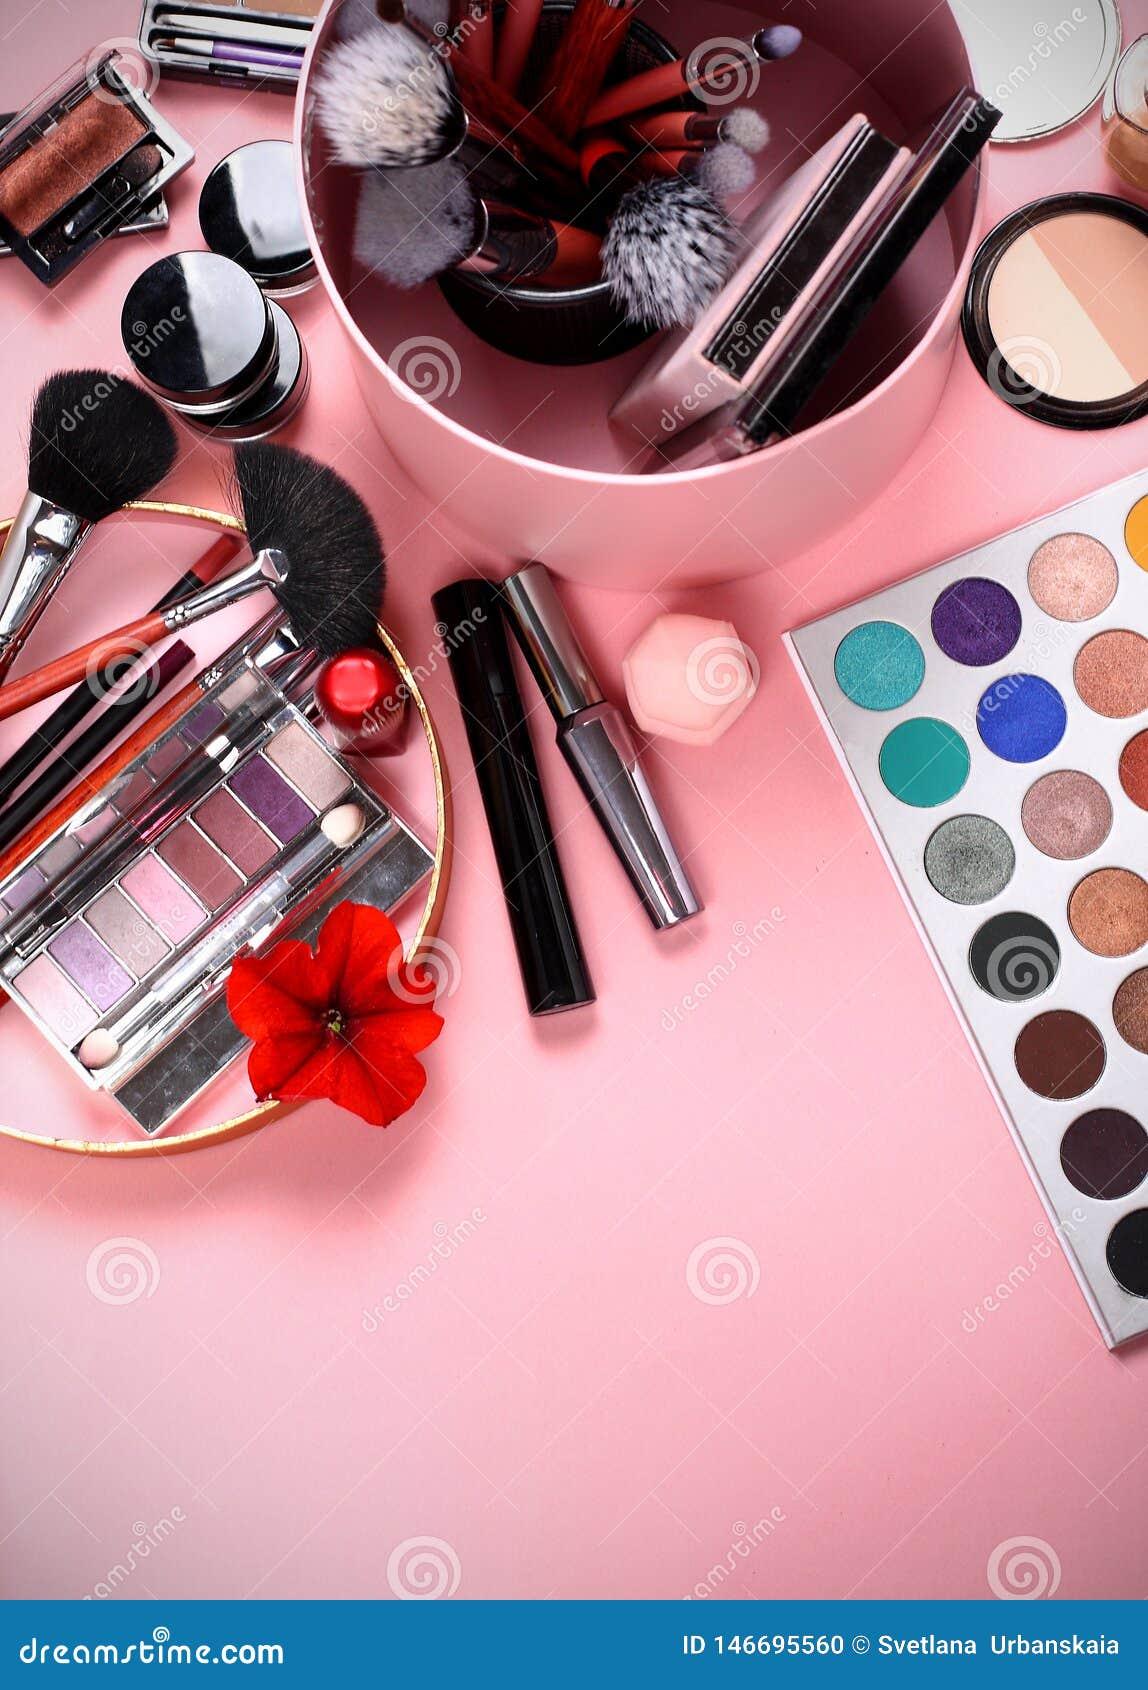 Make-upb?rsten und Kosmetik auf einem rosa Hintergrund, Magazin